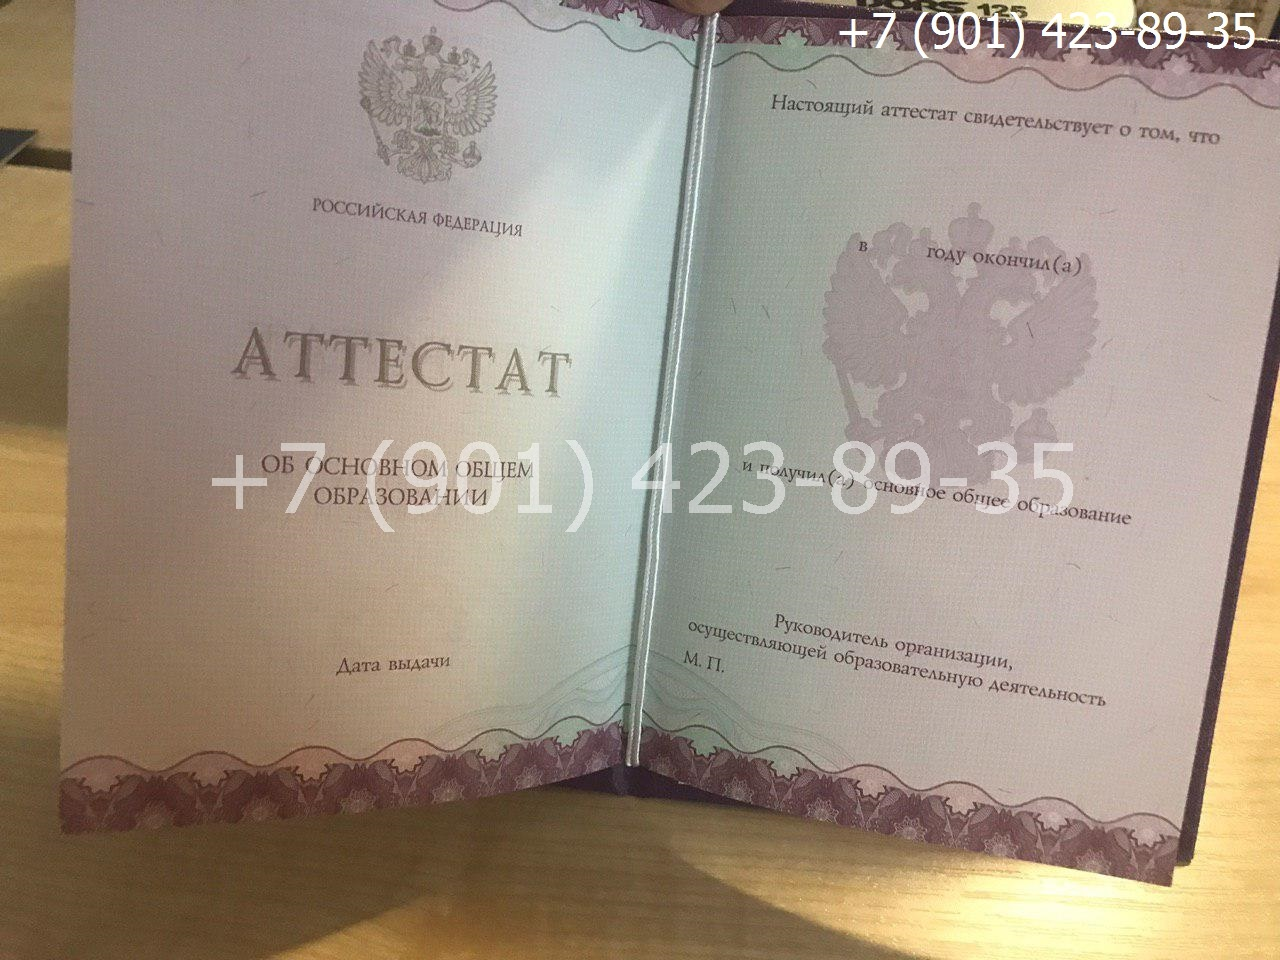 Аттестат 9 класс 2014-2019 годов, нового образца, титульный лист